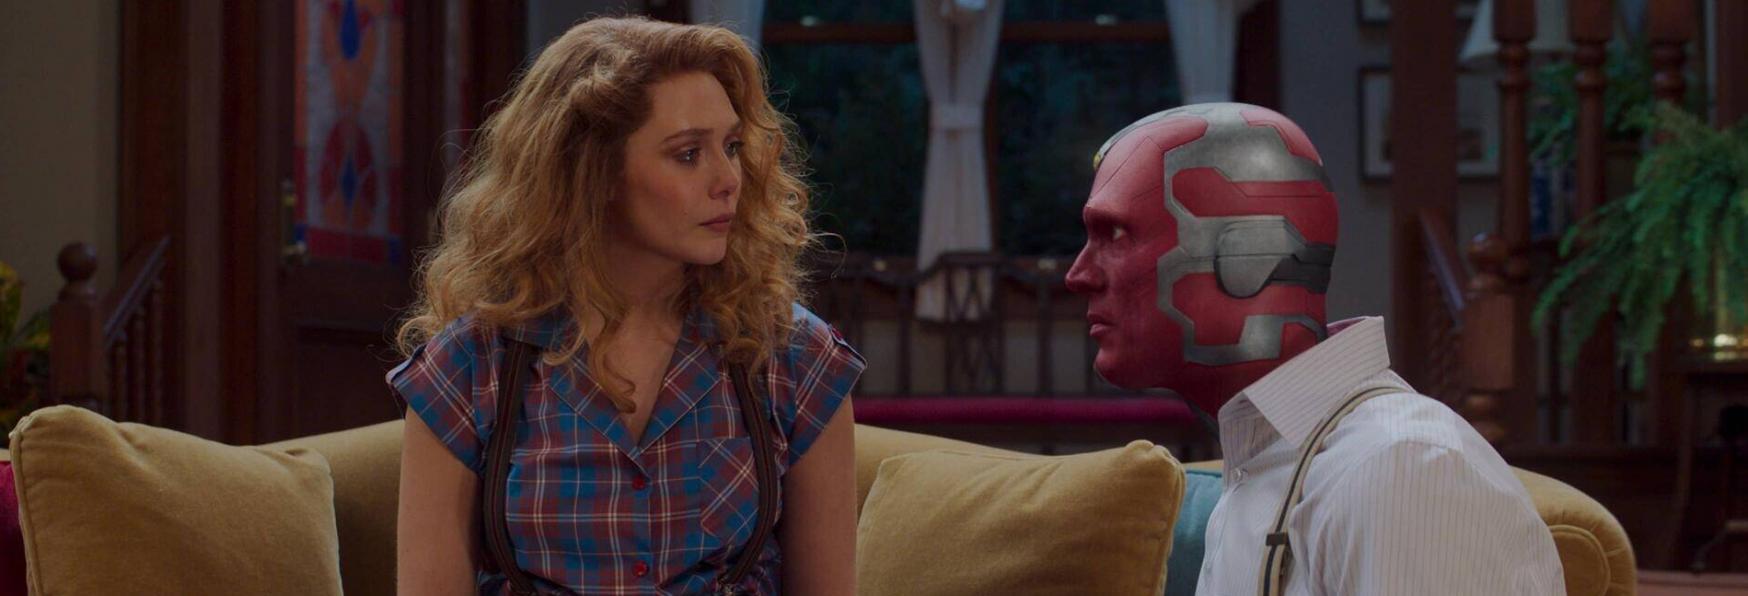 Elizabeth Olsen conferma che i Marvel Studios non hanno ancora dei Piani per gli Young Avengers